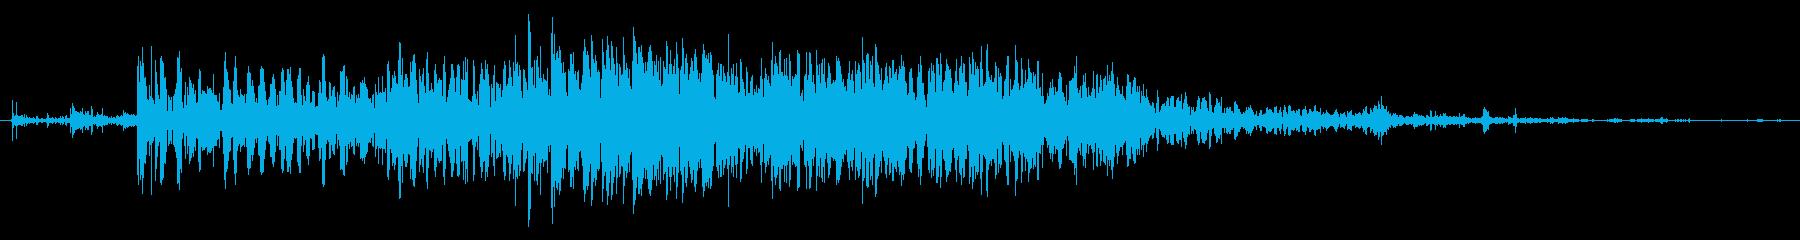 爆発的な流星衝突宇宙爆発の再生済みの波形